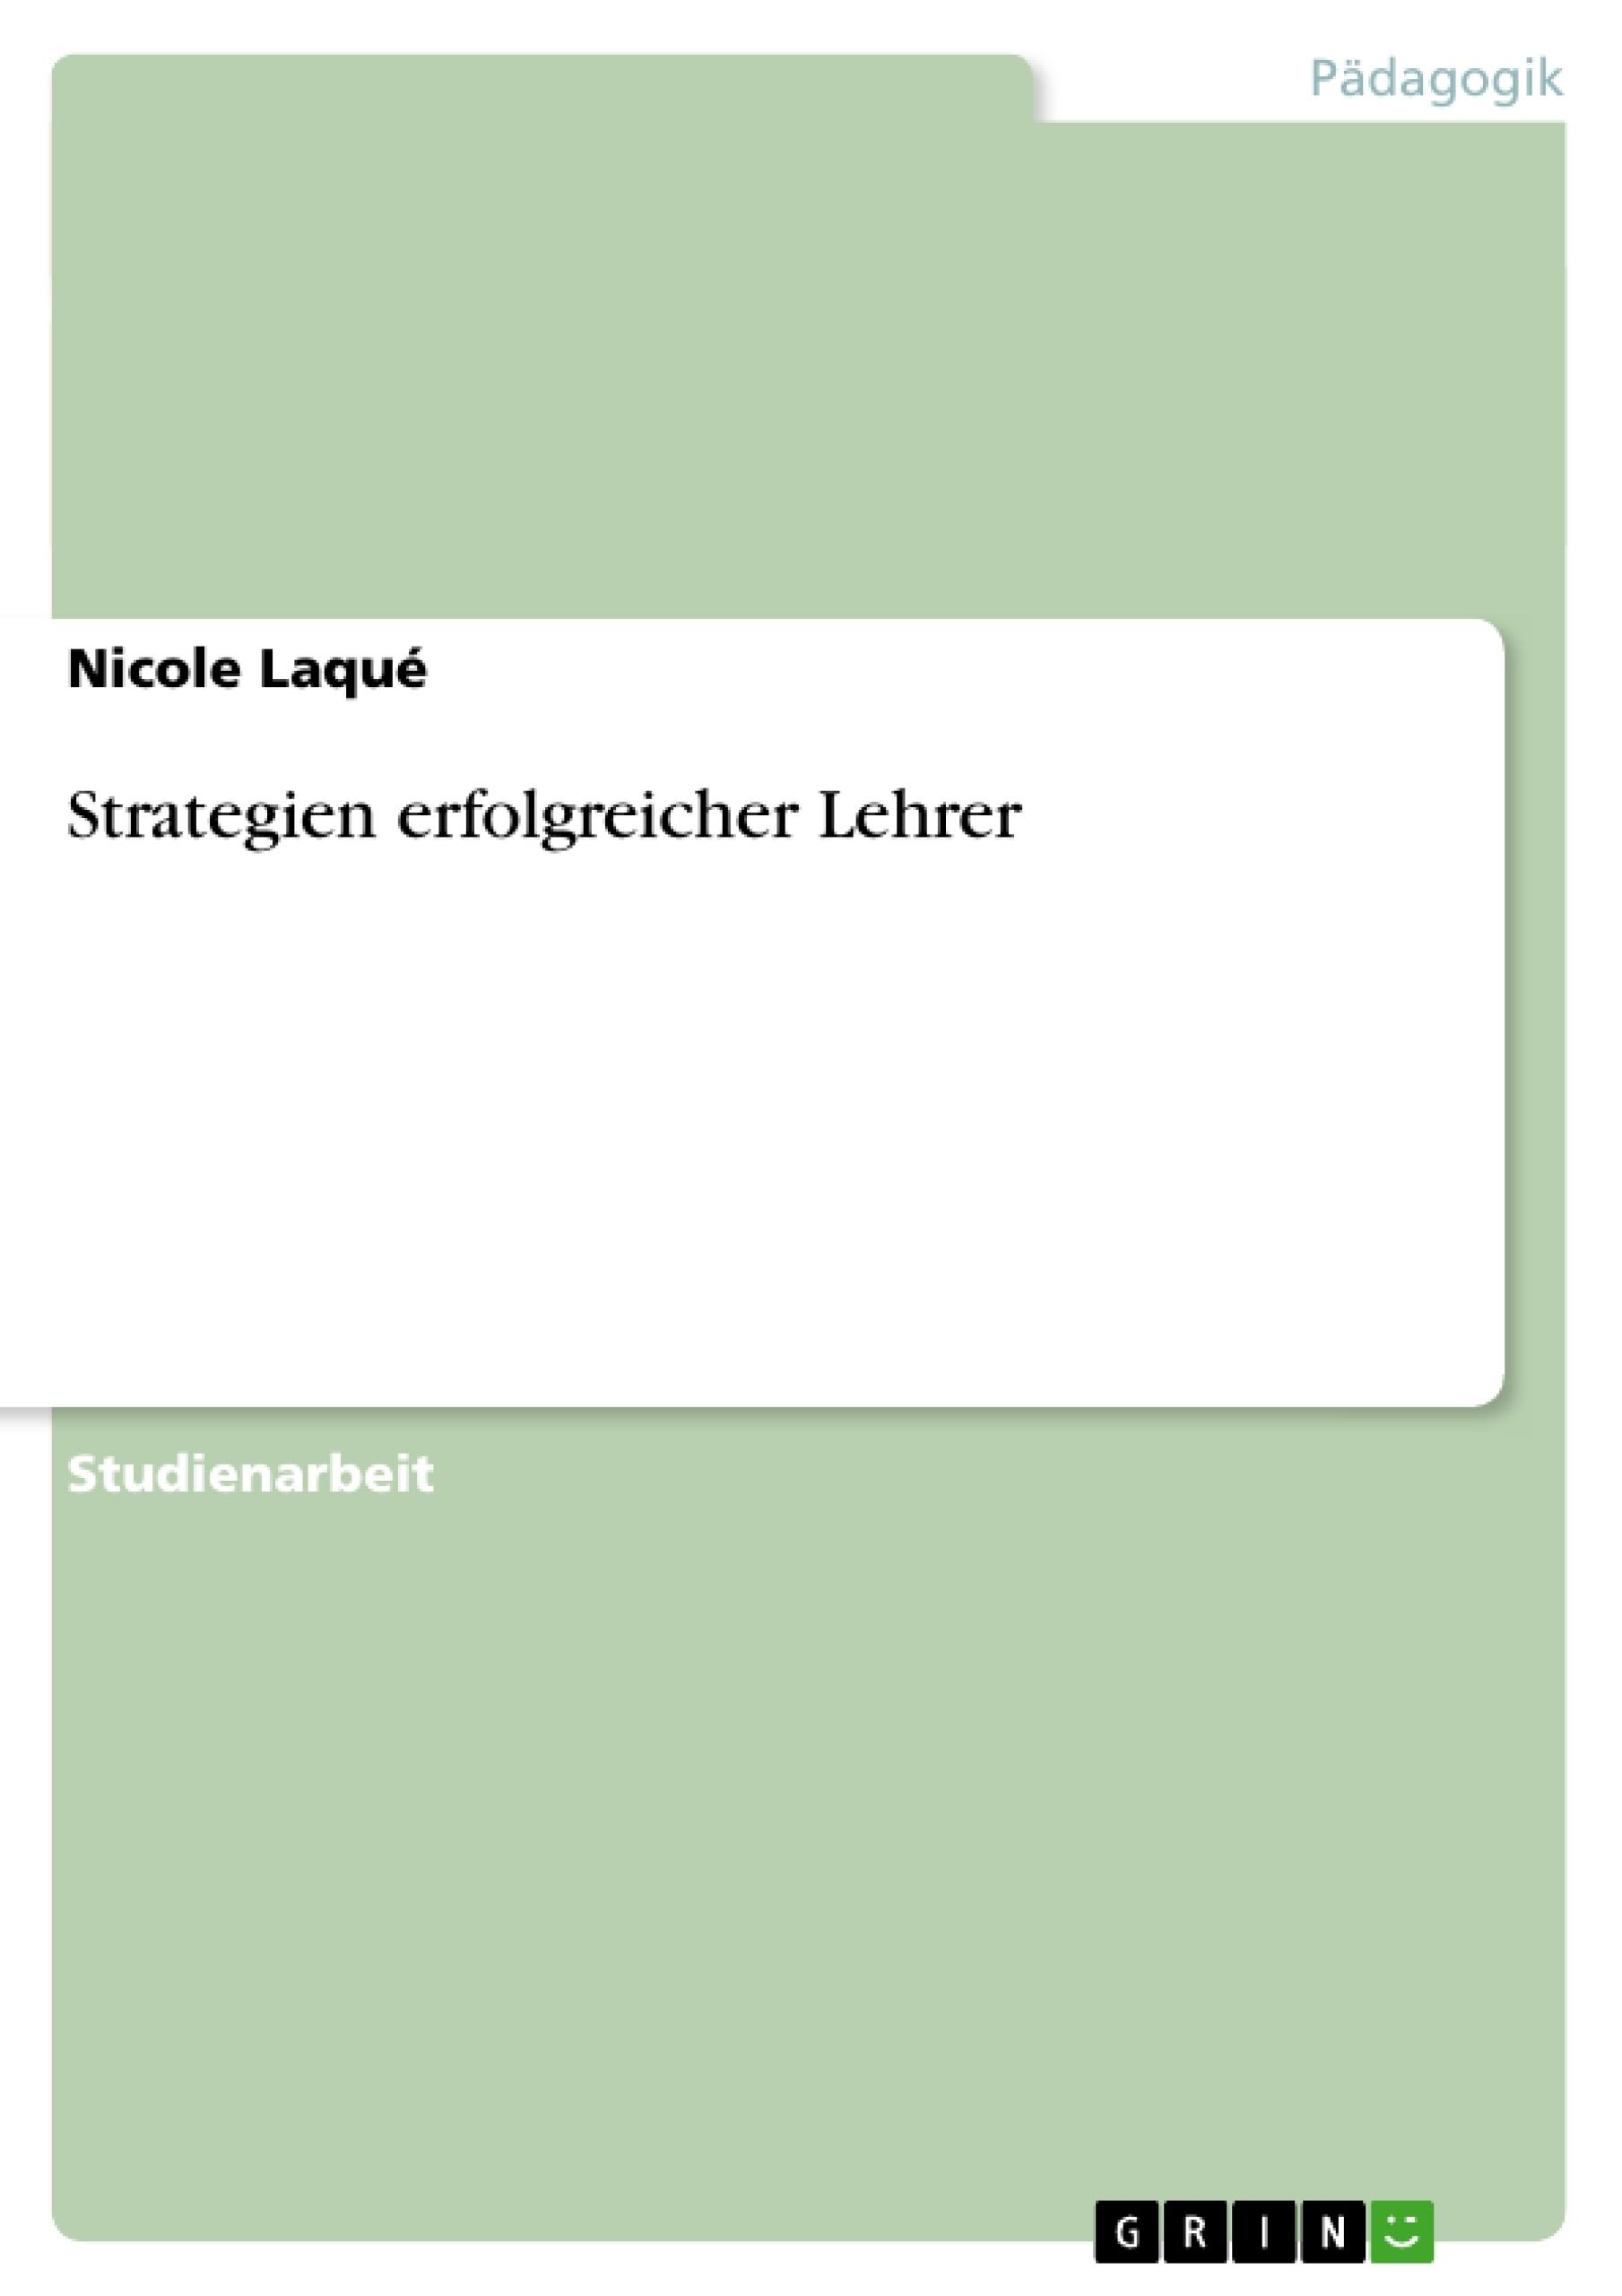 Titel: Strategien erfolgreicher Lehrer